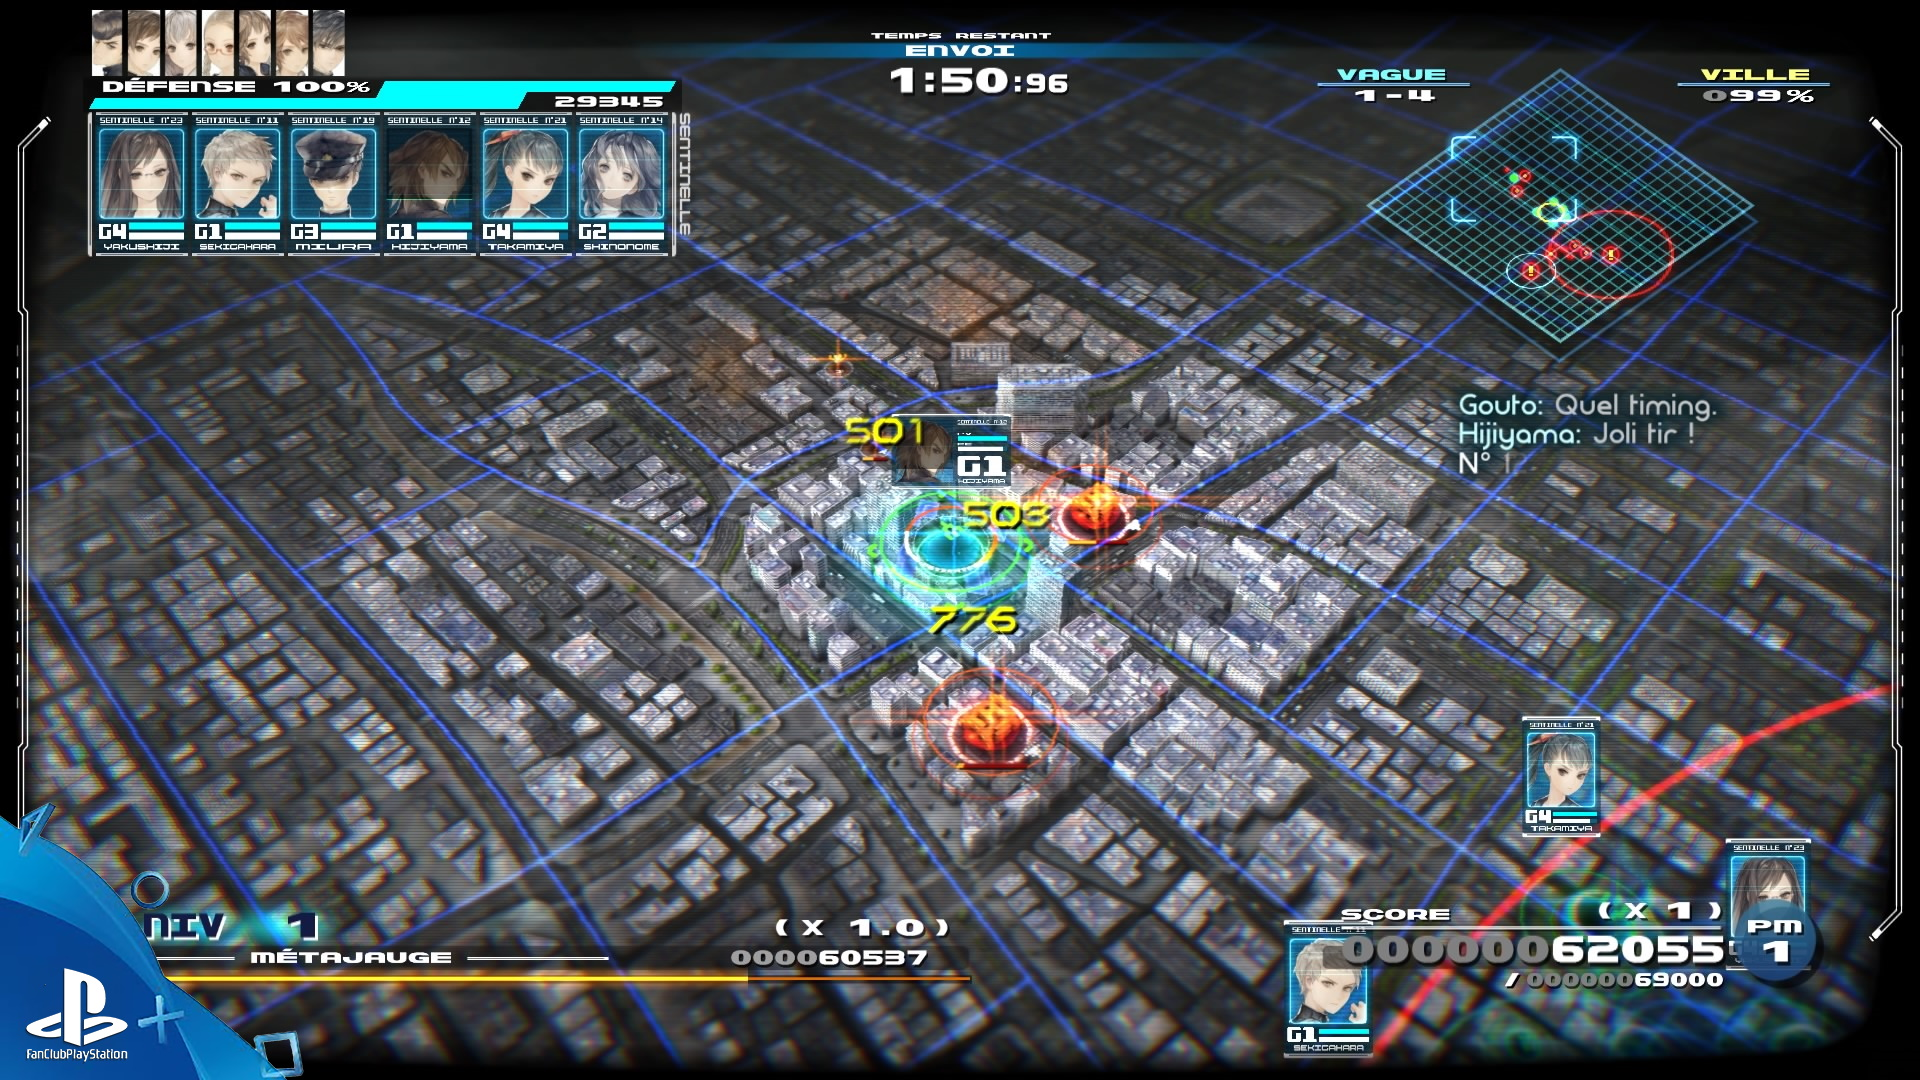 13 Sentinels: Aegis Rim_20200922034455